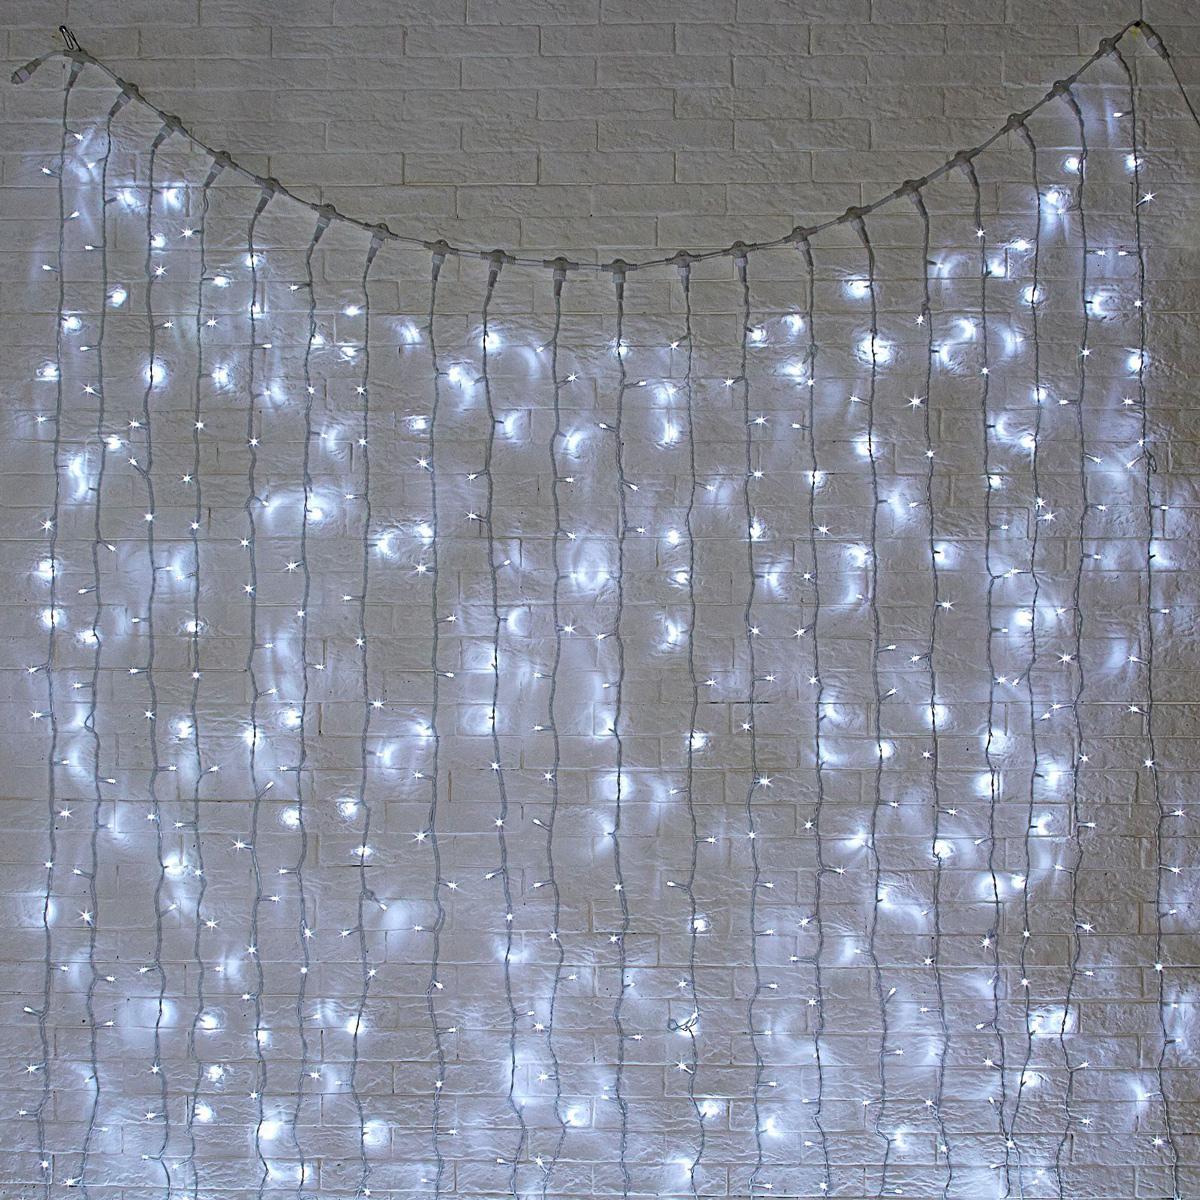 Гирлянда светодиодная Luazon Занавес, цвет: белый, уличная, 1800 ламп, 220 V, 2 х 9 м. 10803021080302Светодиодные гирлянды и ленты — это отличный вариант для новогоднего оформления интерьера или фасада. С их помощью помещение любого размера можно превратить в праздничный зал, а внешние элементы зданий, украшенные ими, мгновенно станут напоминать очертания сказочного дворца. Такие украшения создают ауру предвкушения чуда. Деревья, фасады, витрины, окна и арки будто специально созданы, чтобы вы украсили их светящимися нитями.